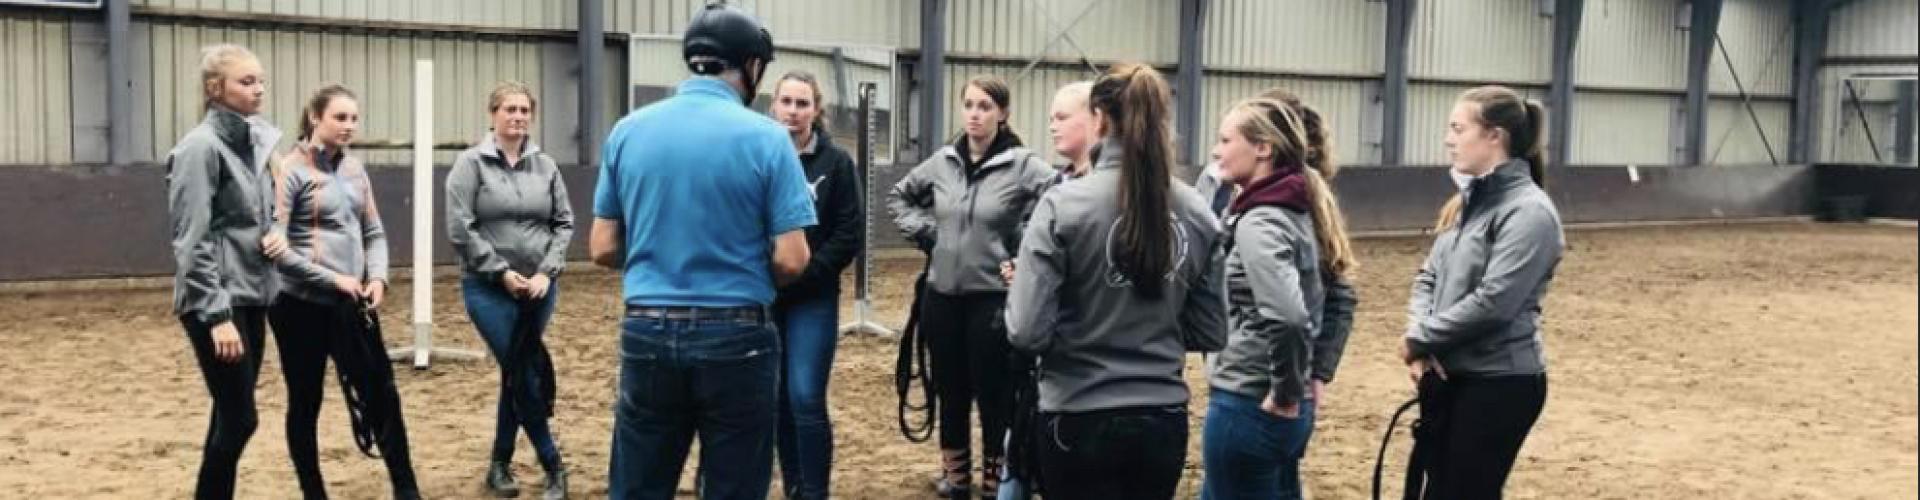 Trainer huren voor groepslessen bij manage of rijvereniging